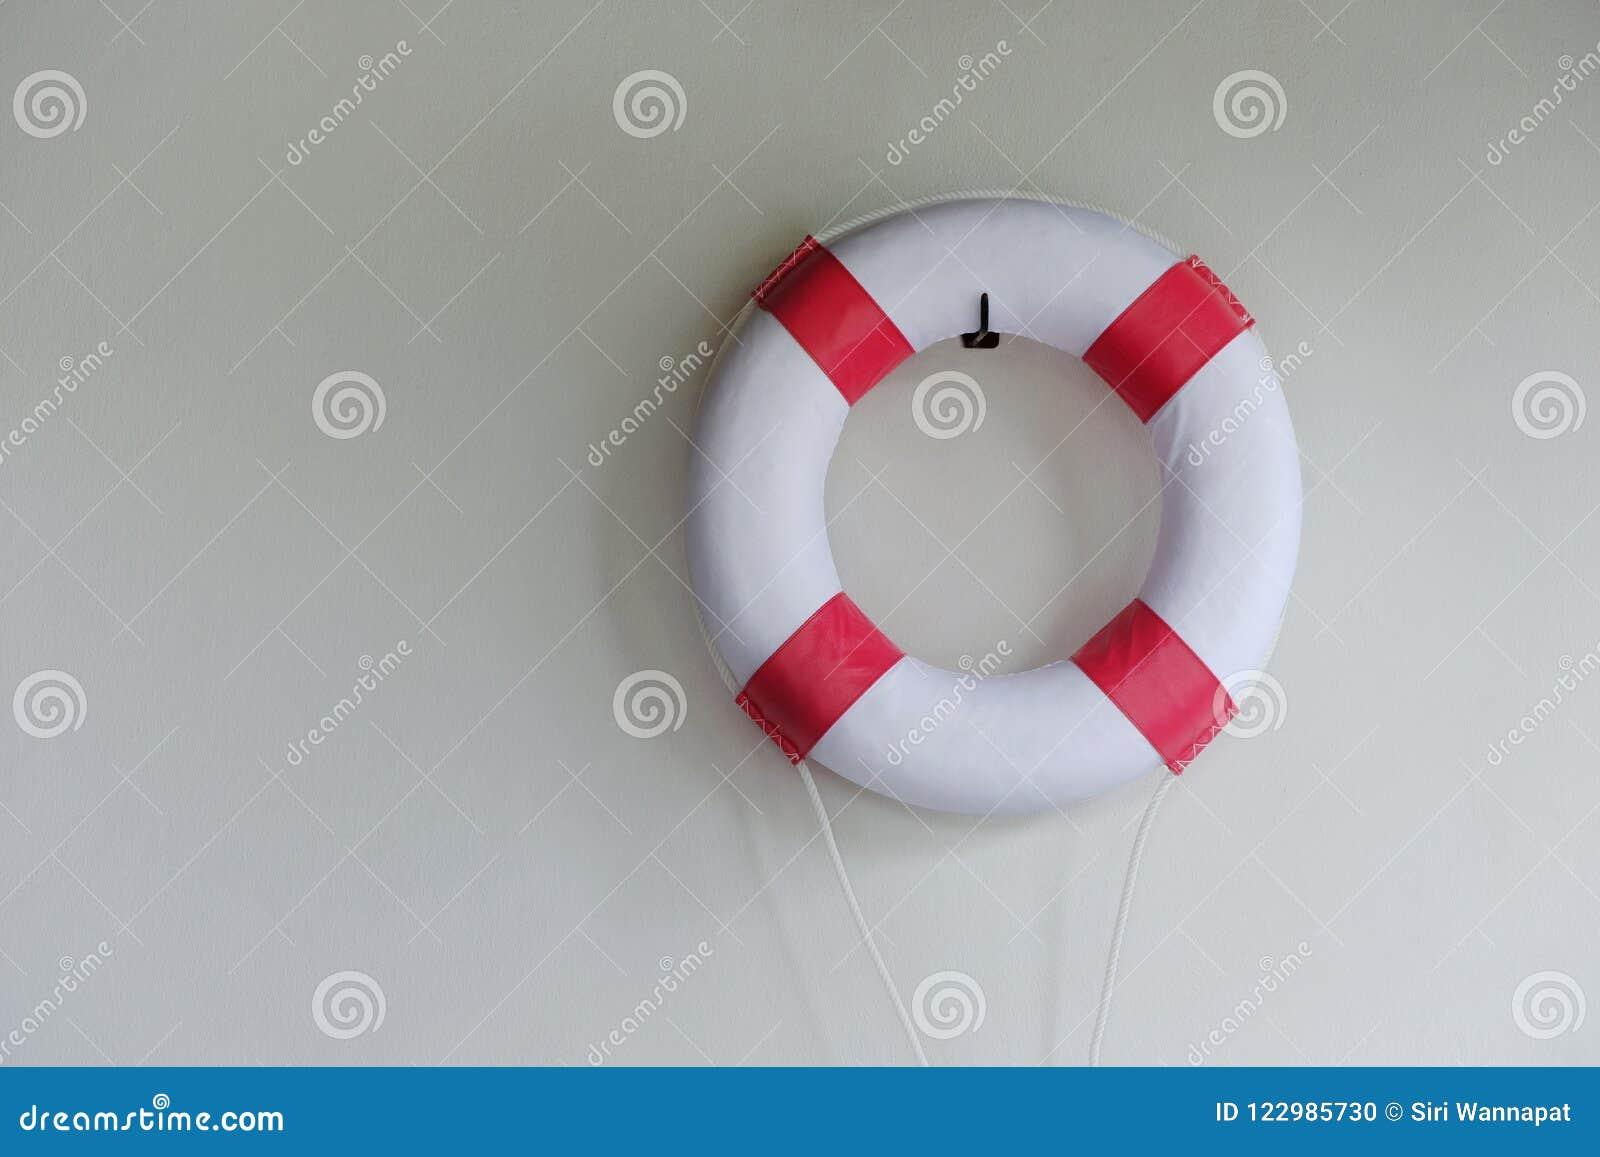 Rode en Witte Reddingsboei Ring Hanging op de Muur bij Zwembad